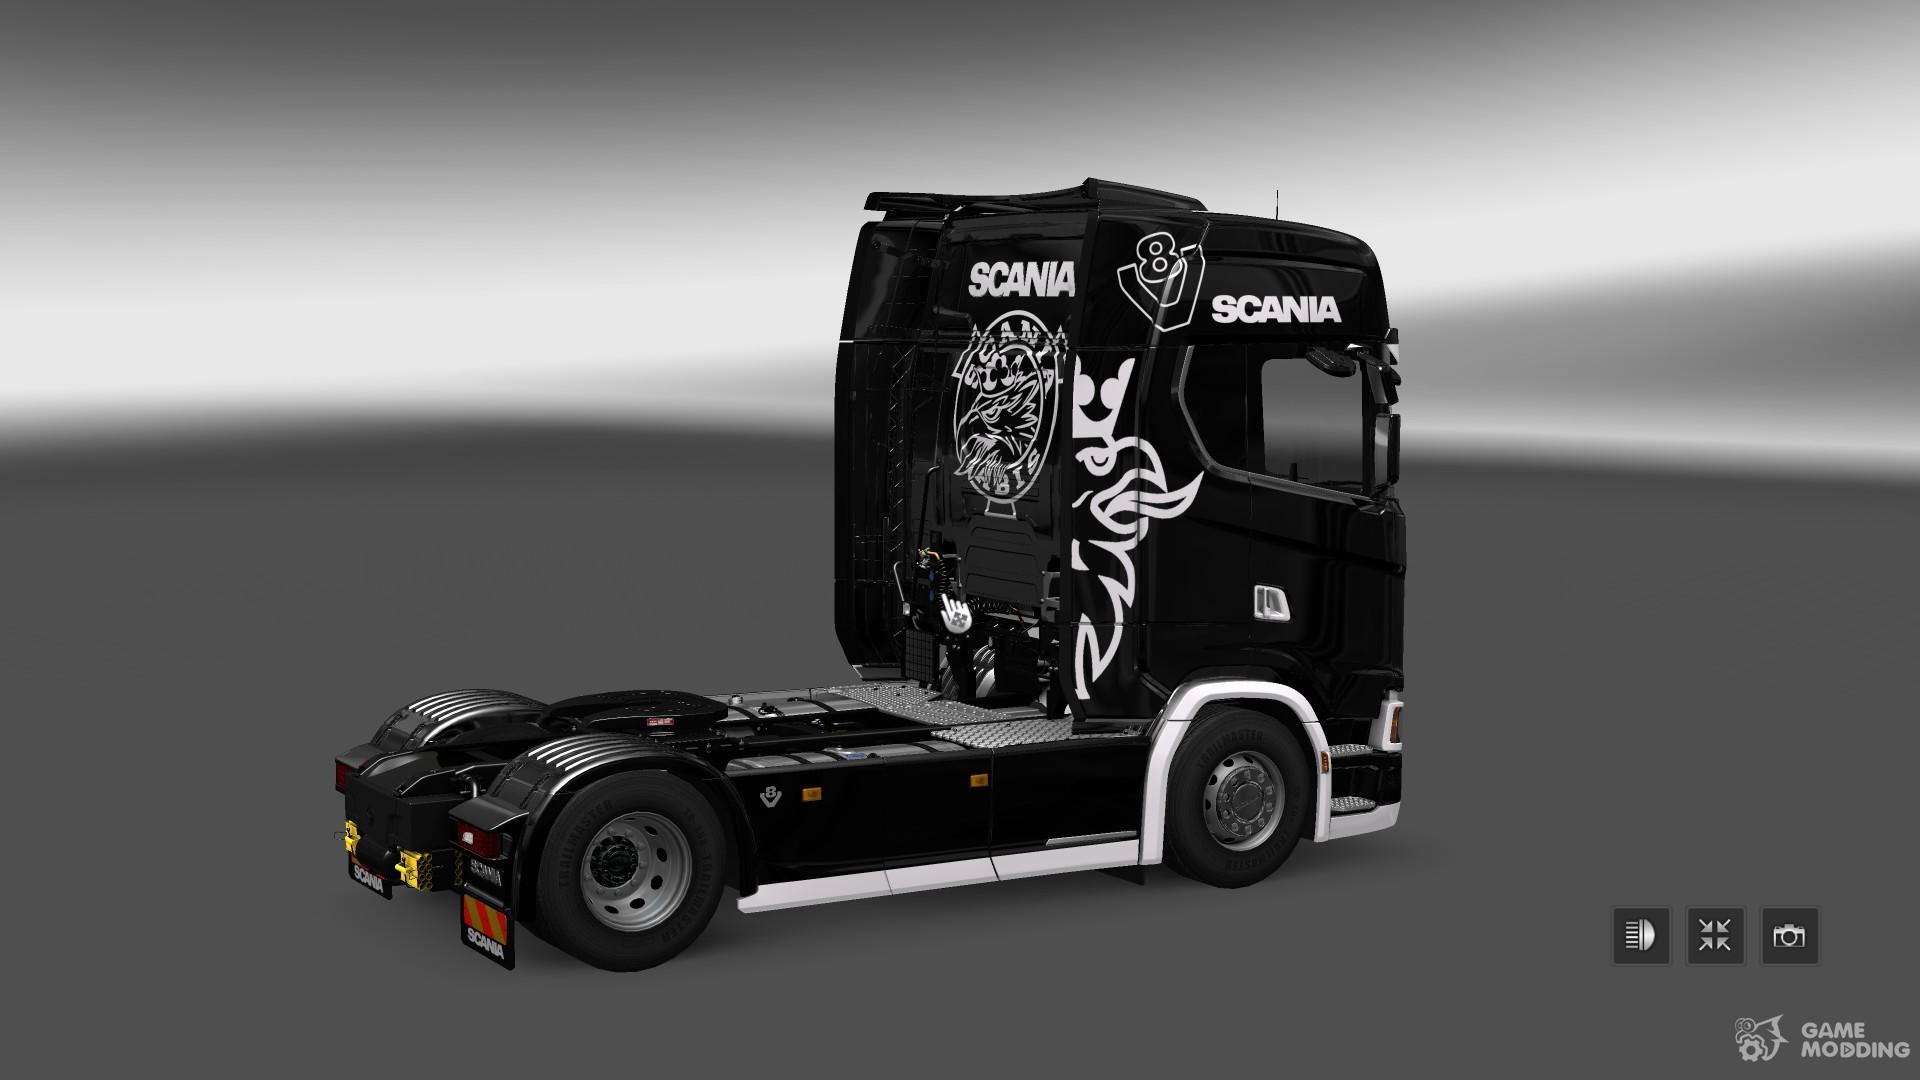 Road king trucks